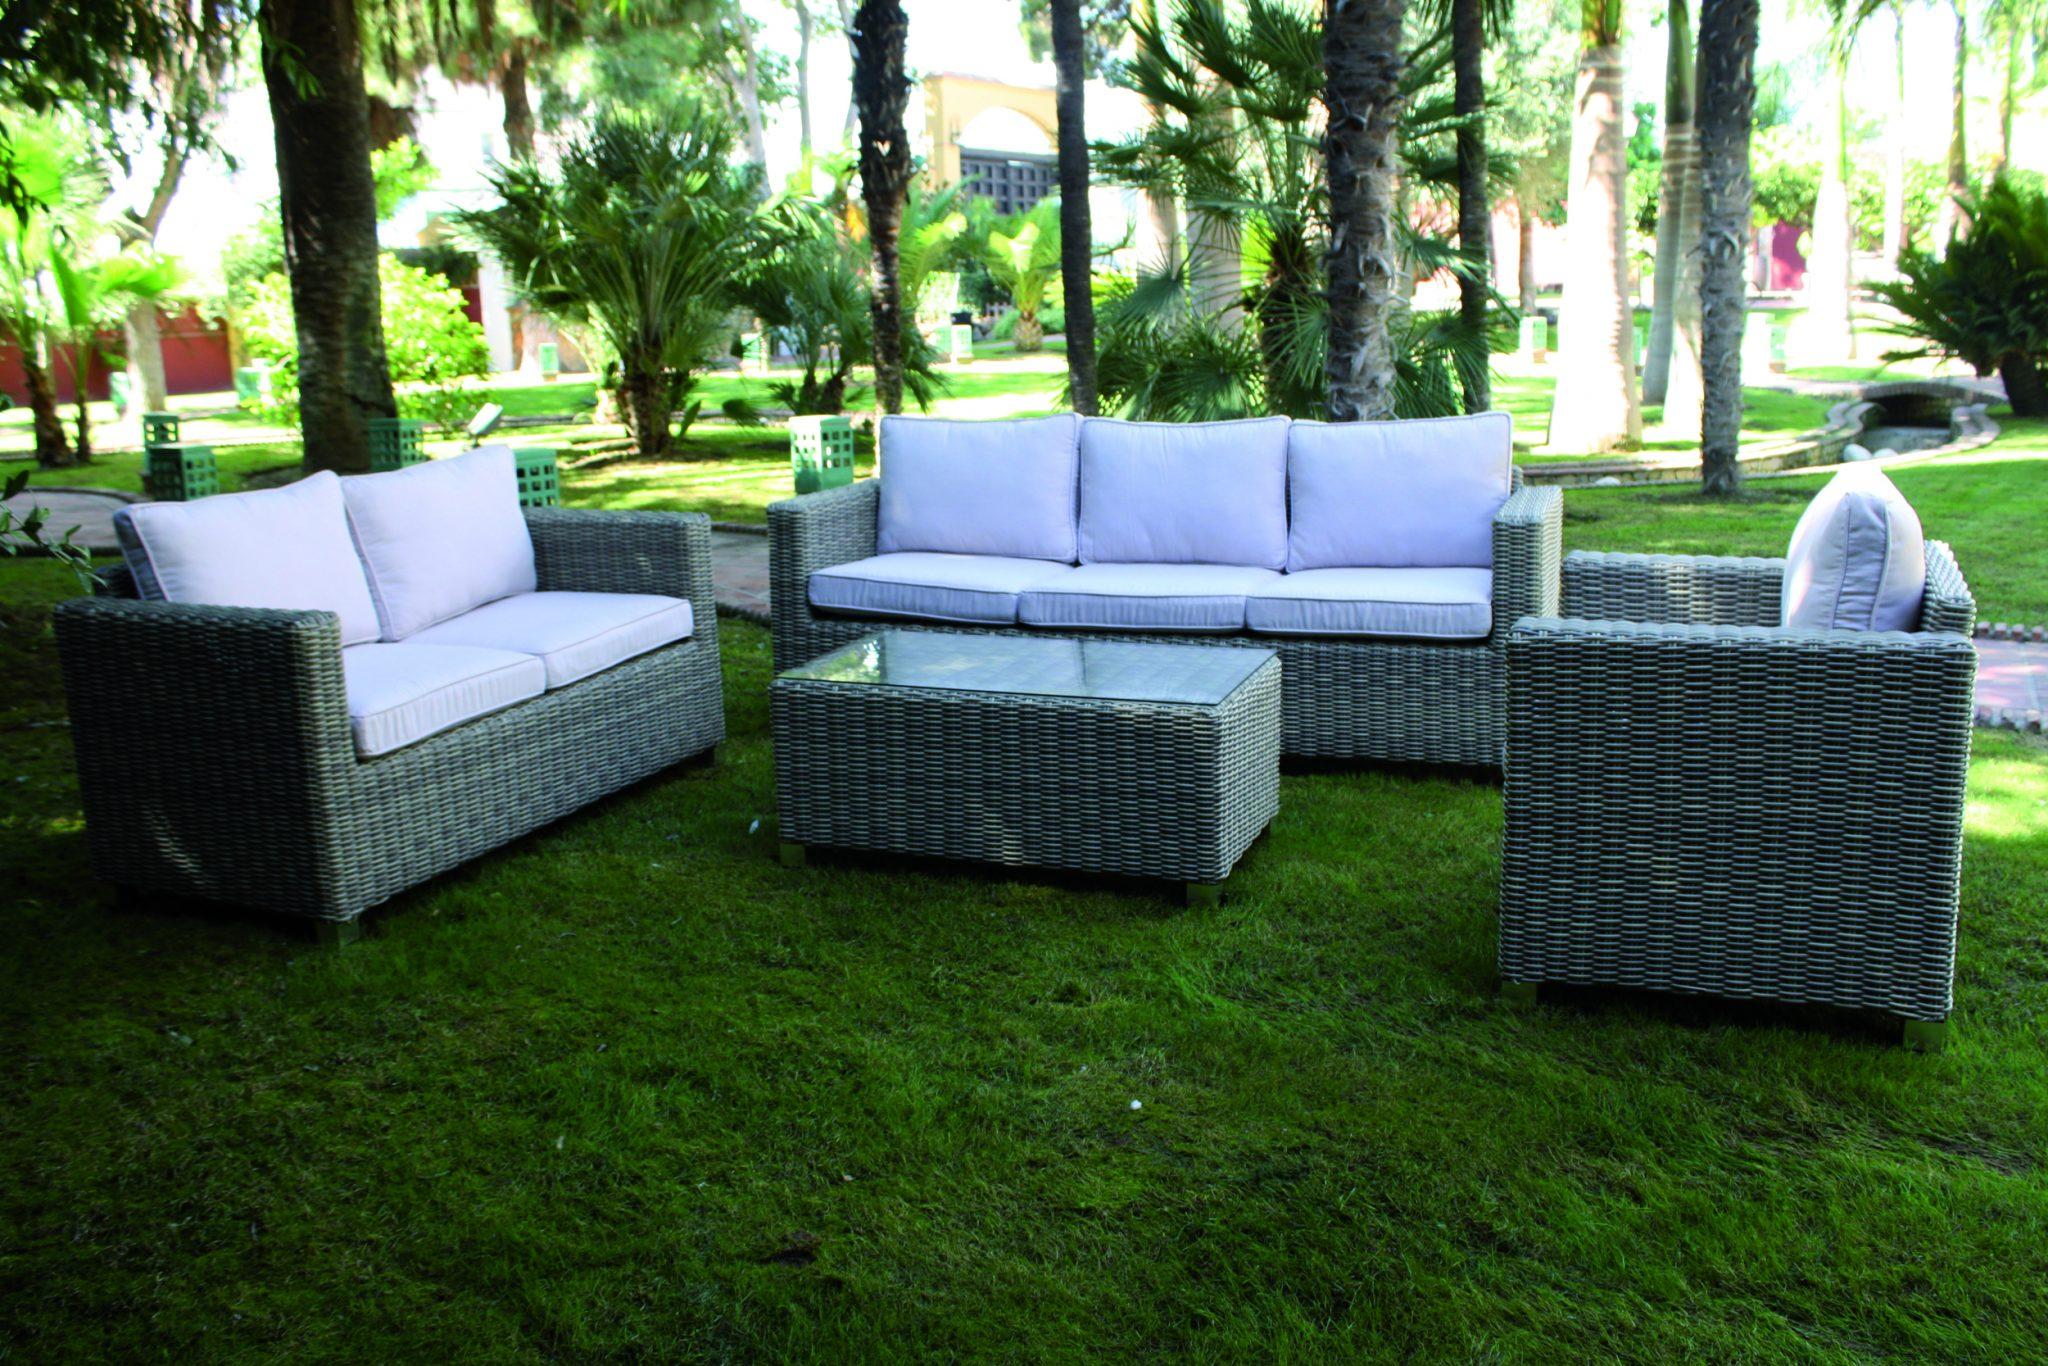 Sof para exterior modelo notta el globo muebles for Sofas para exterior